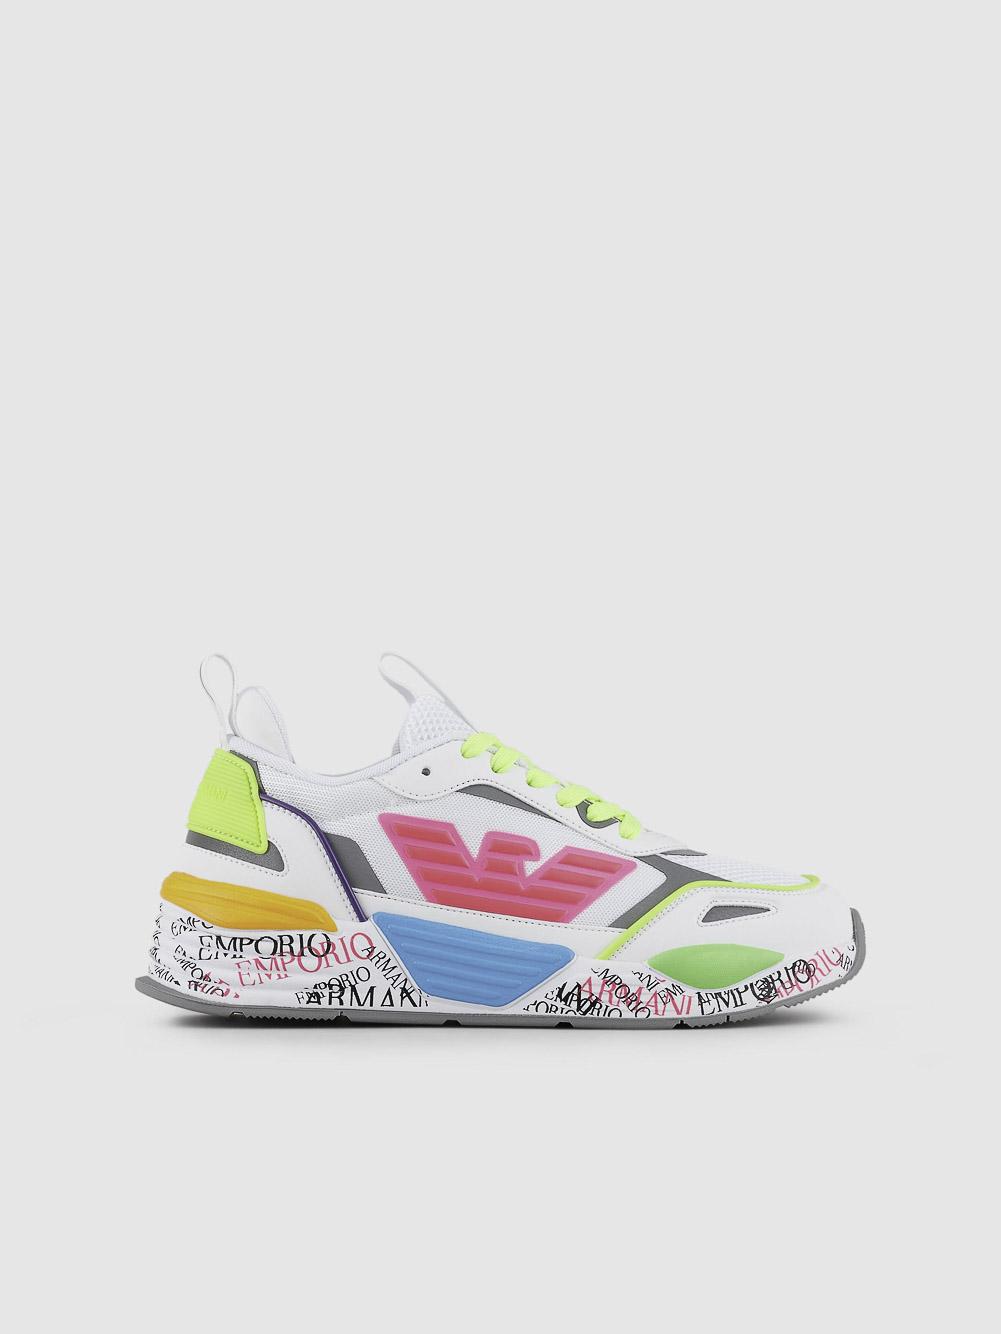 EMPORIO ARMANI Παπούτσια sneaker X3X126XM540-T376 ΛΕΥΚΟ ΡΟΖ